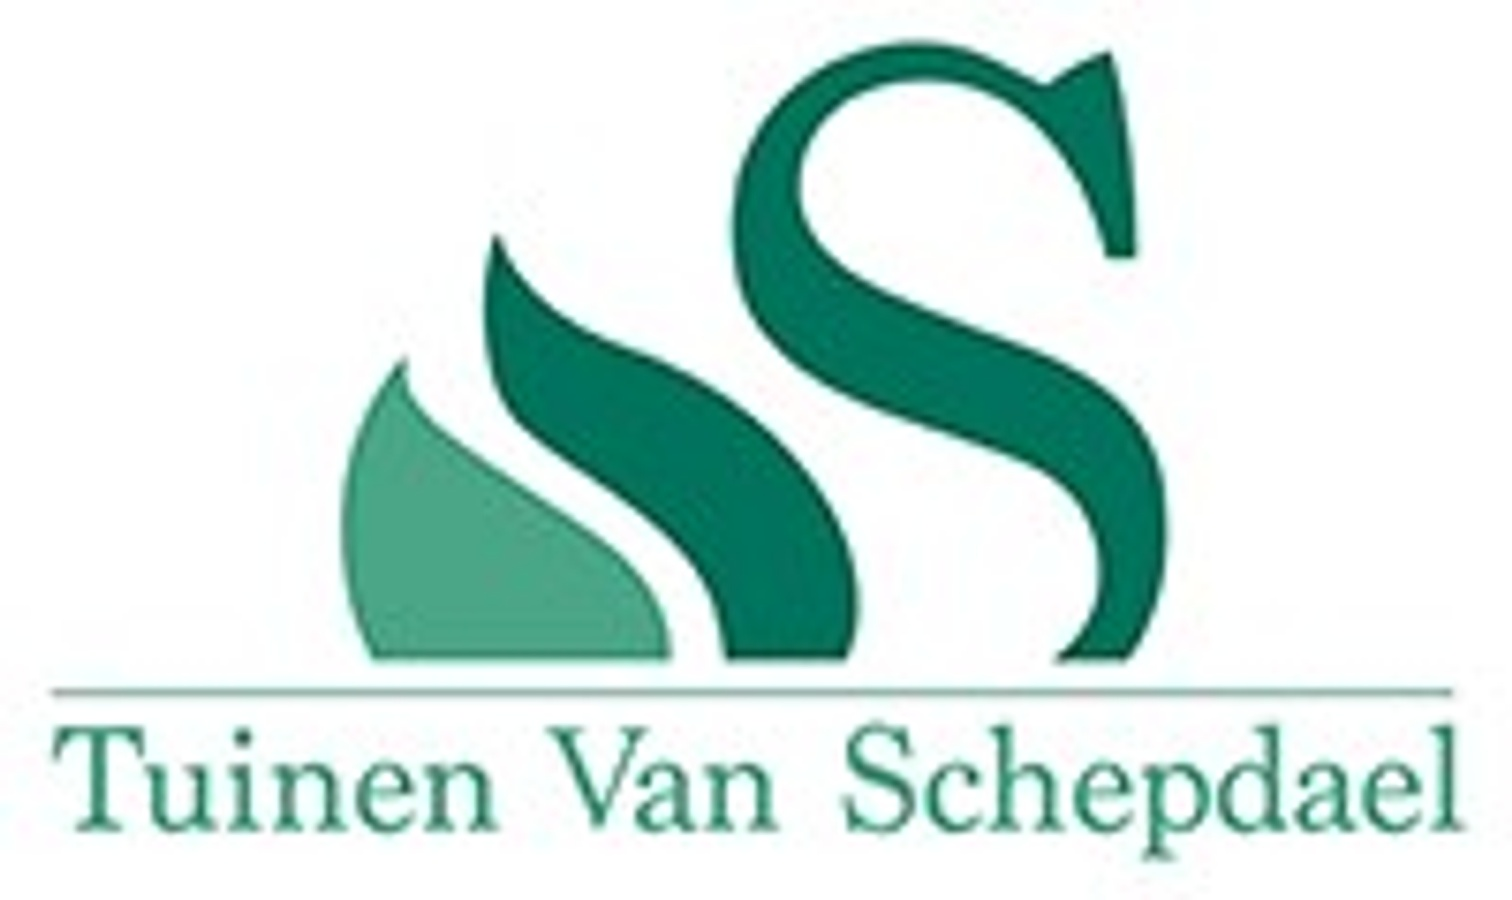 logo Tuinen Van Schepdael